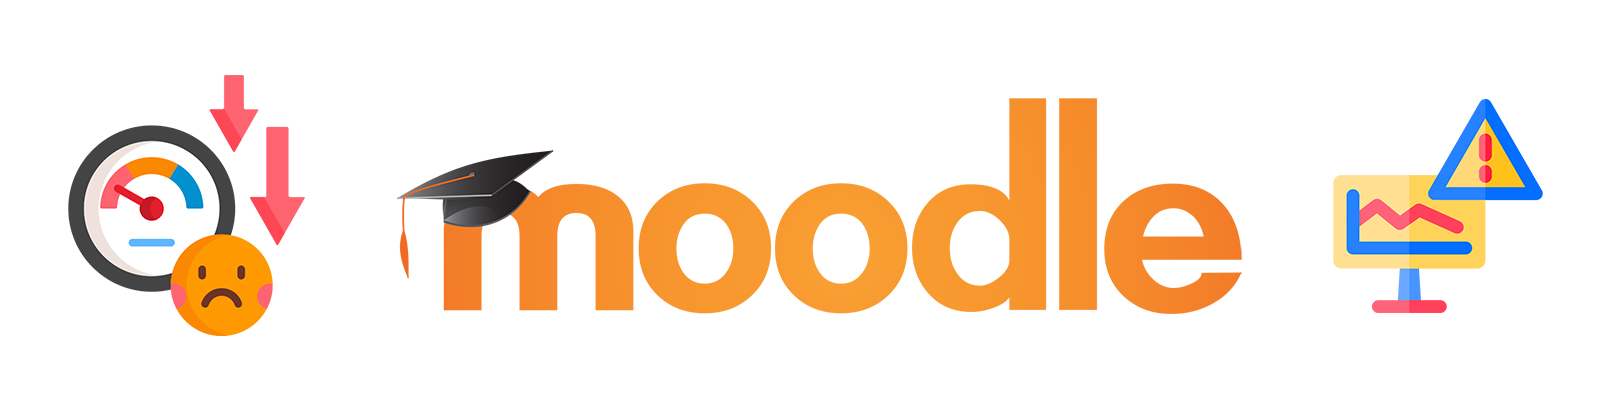 Solução Moodle Lento